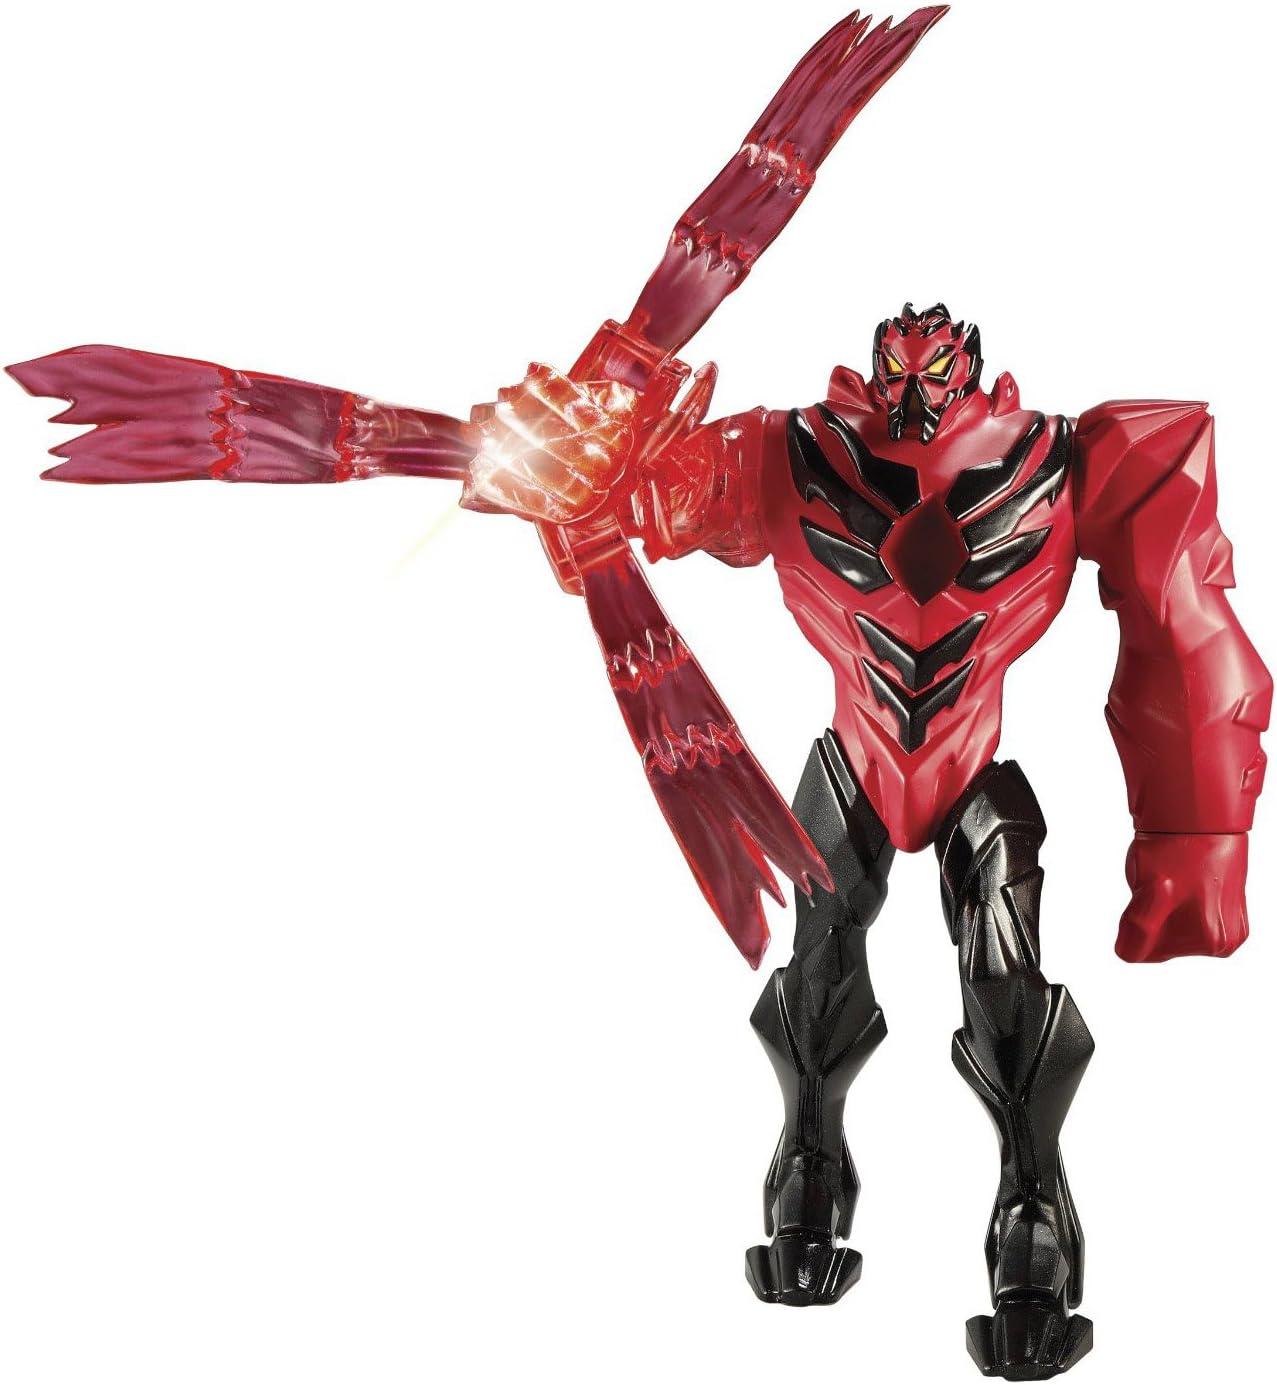 Max steel spin attack dredd figurine